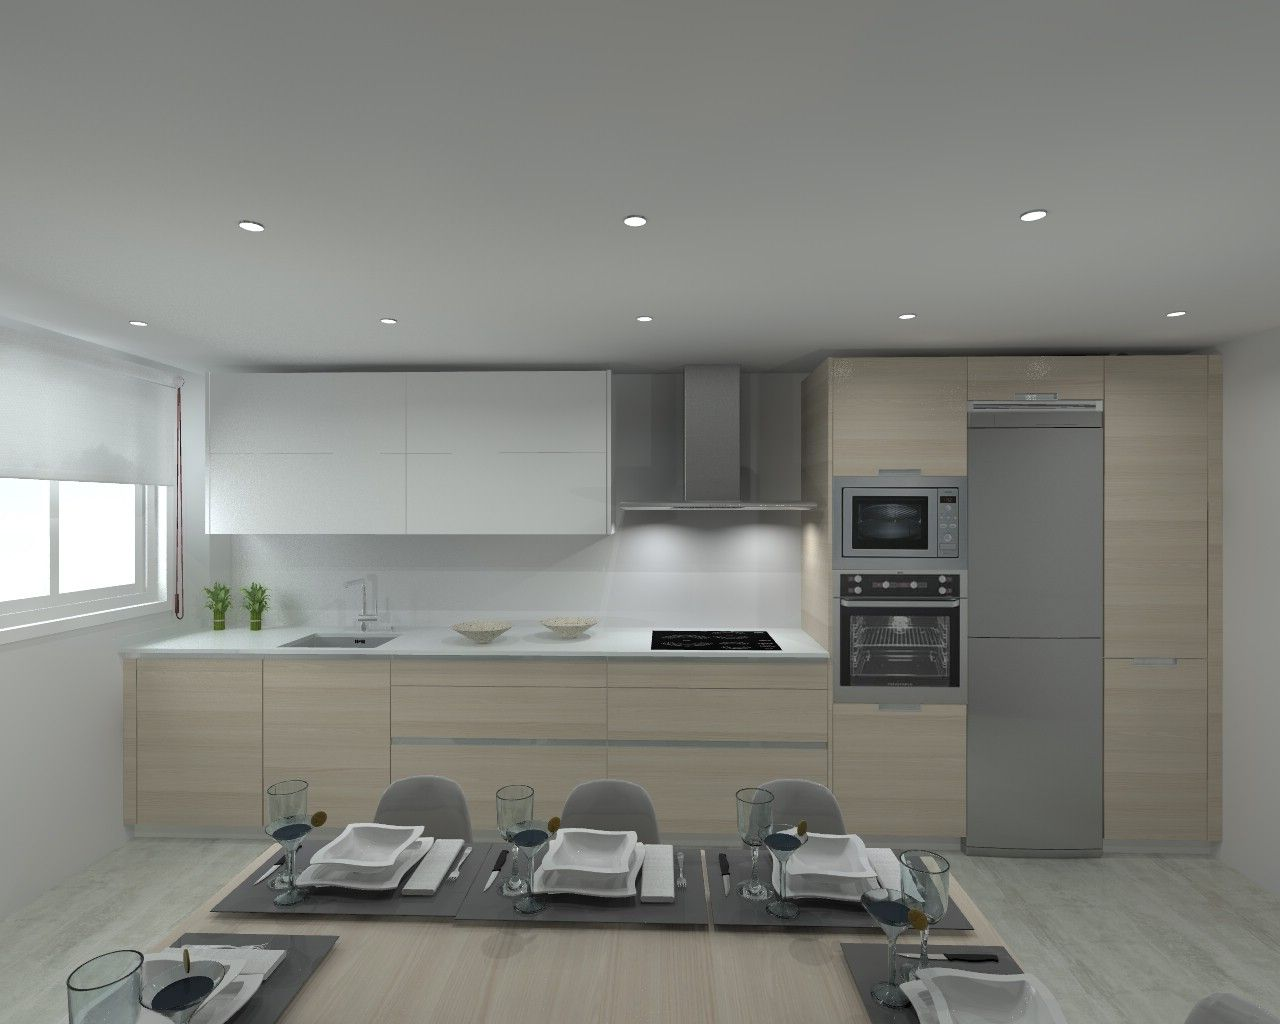 modelo line e encimera silestone cocinas pinterest modelo cocinas y cocinas santos. Black Bedroom Furniture Sets. Home Design Ideas